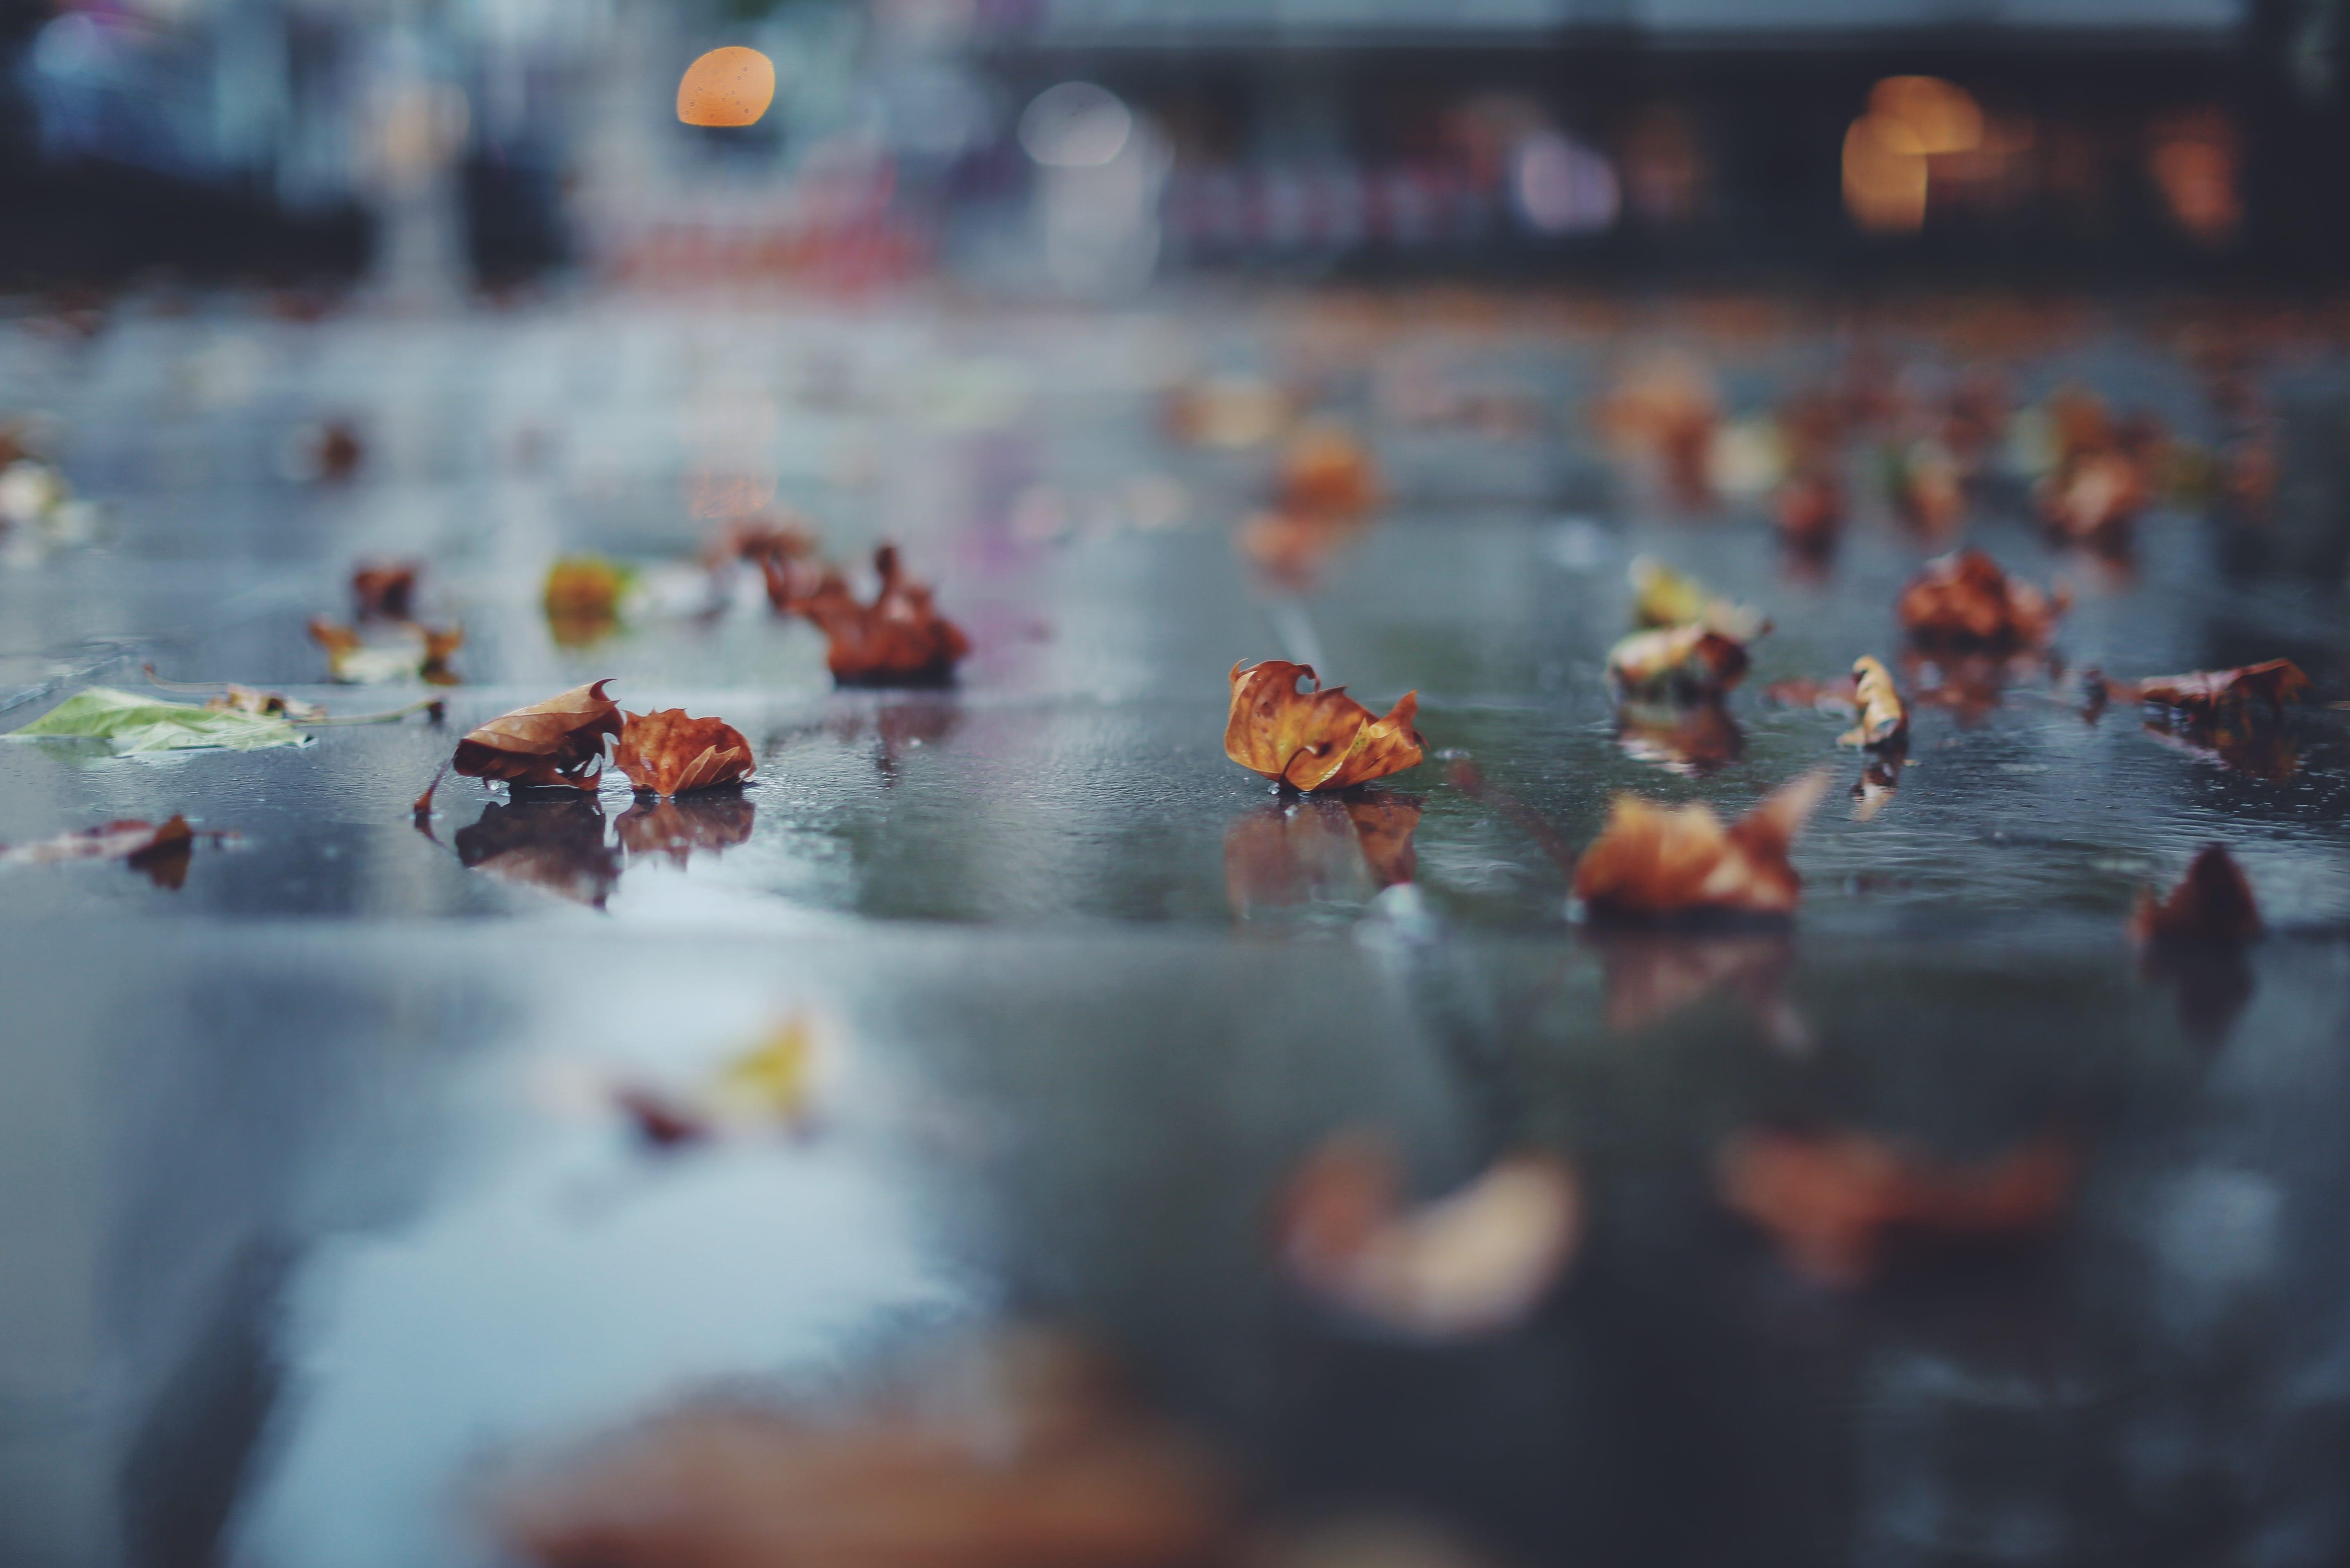 Esős november Hajdúszoboszlón - ha ez önmagában nem dob fel, akkor olvass tovább!